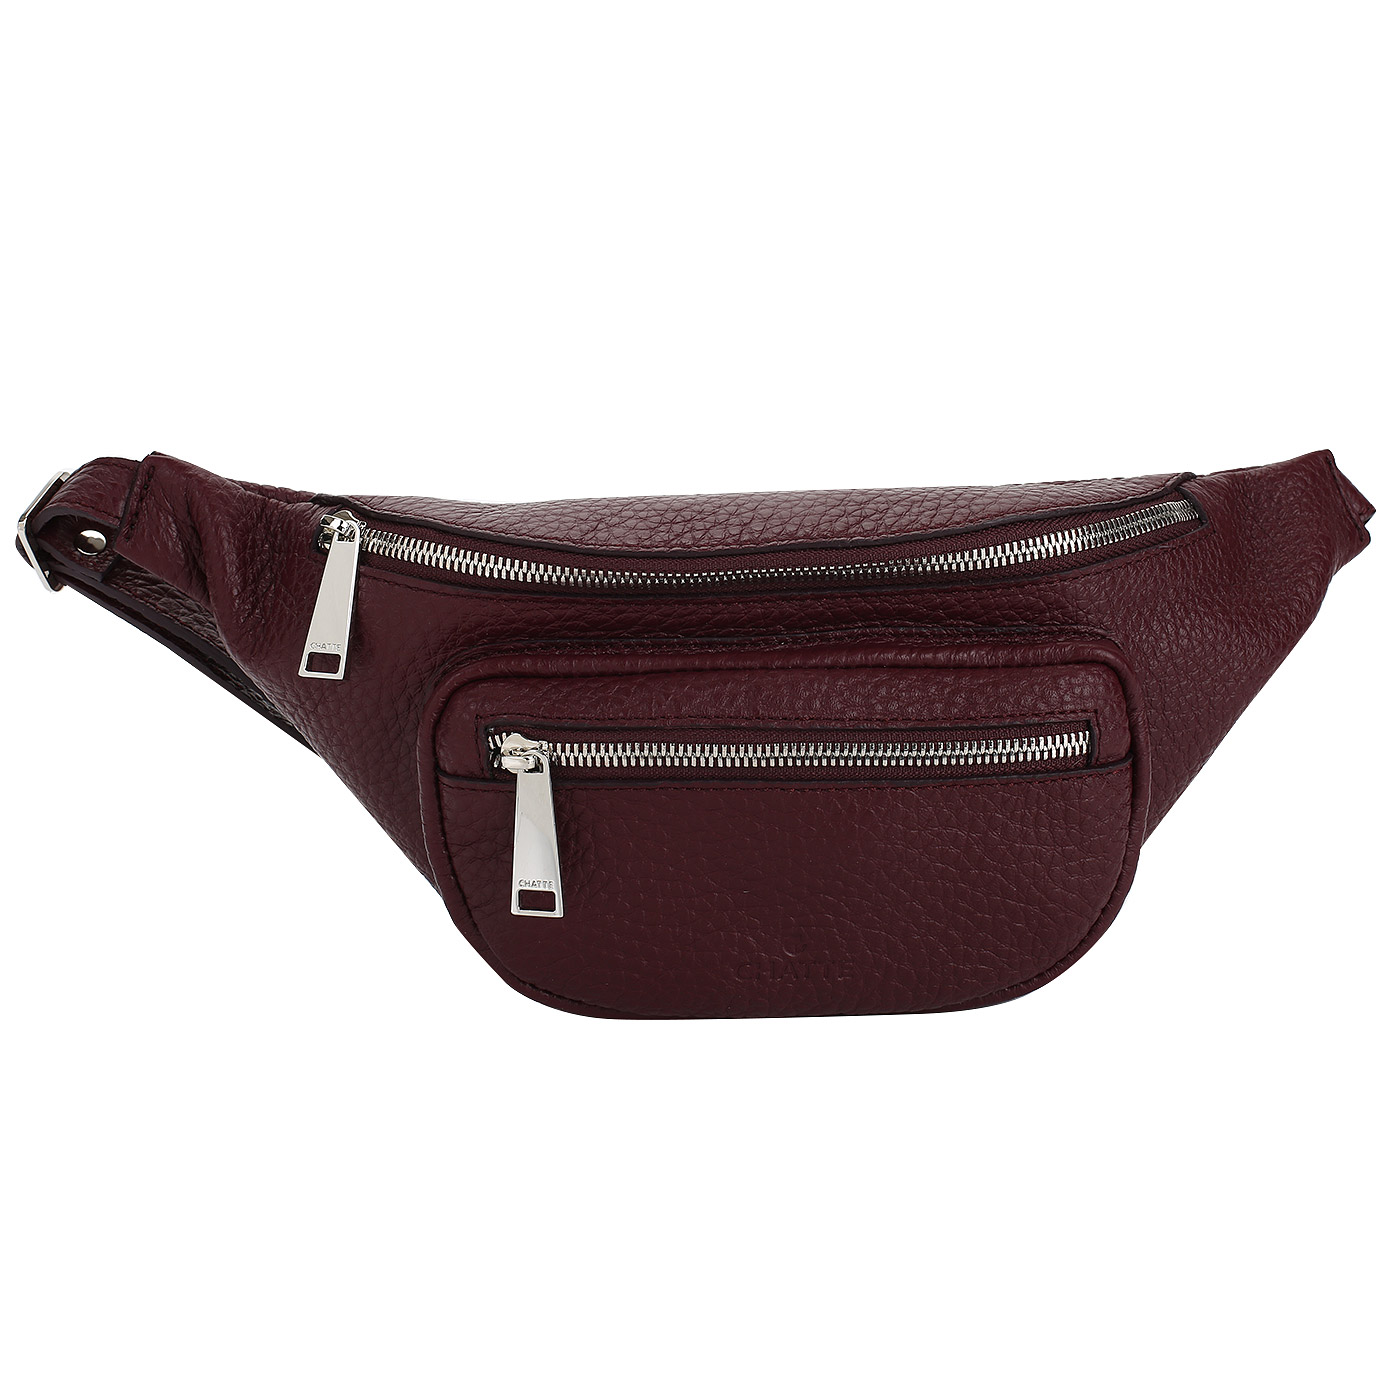 0d8efbd587b8 Бордовая поясная сумка Chatte DB9417_bordo - 2000557910317 бордовый ...